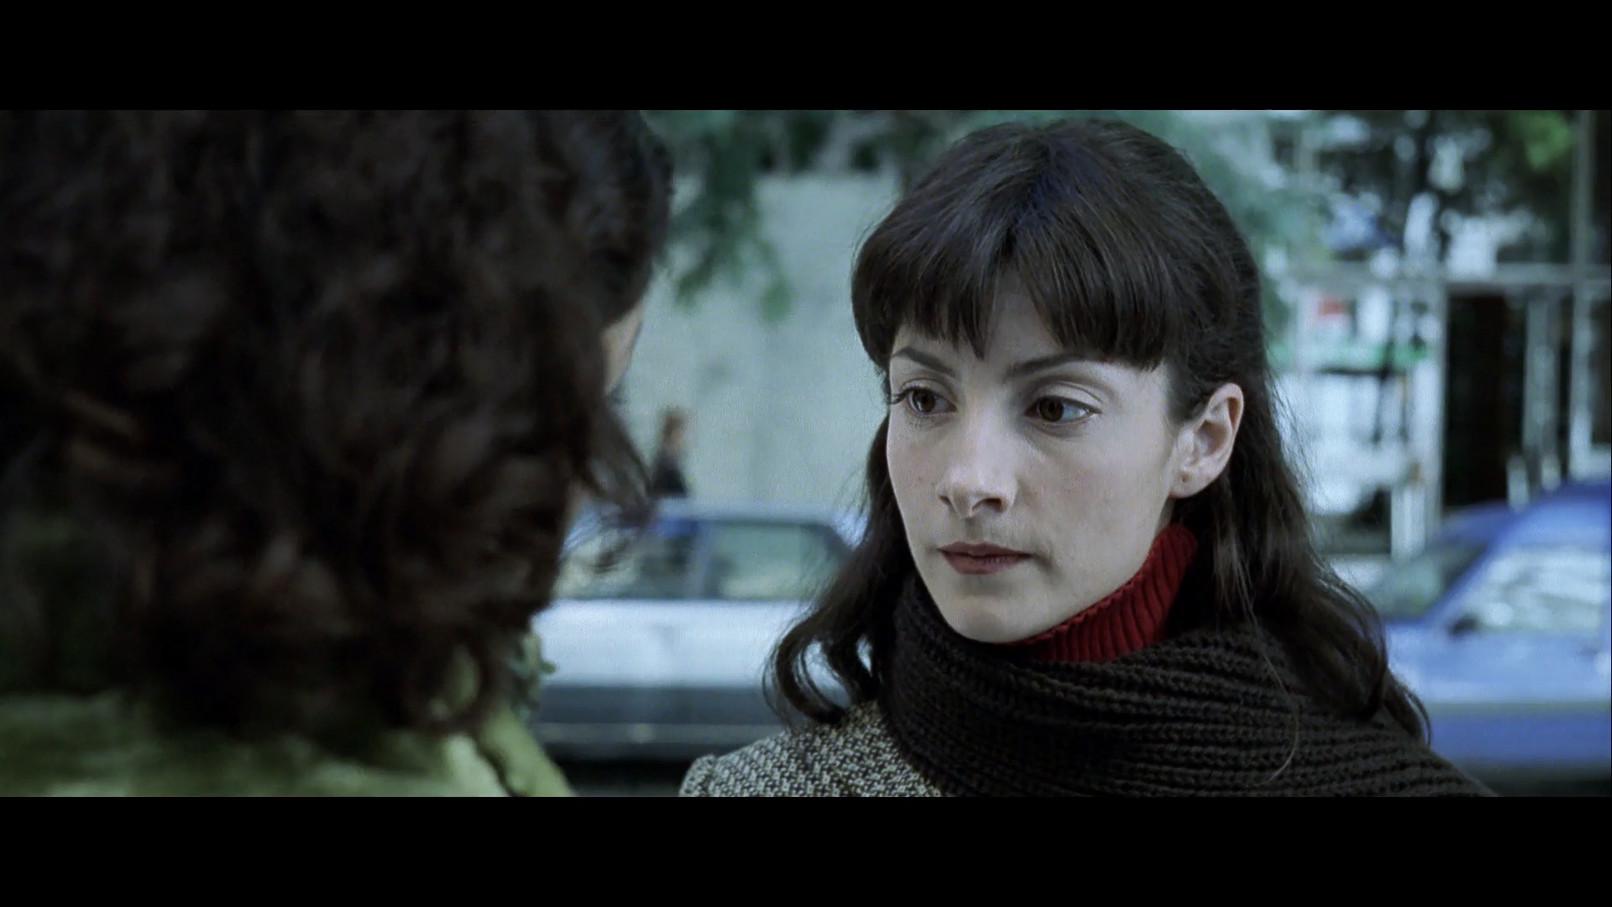 6LdwoF - Los amantes del círculo polar | 1998 | Romance. Drama | WEB-DL 1080p | castellano DD5.1 | 4,6 GB